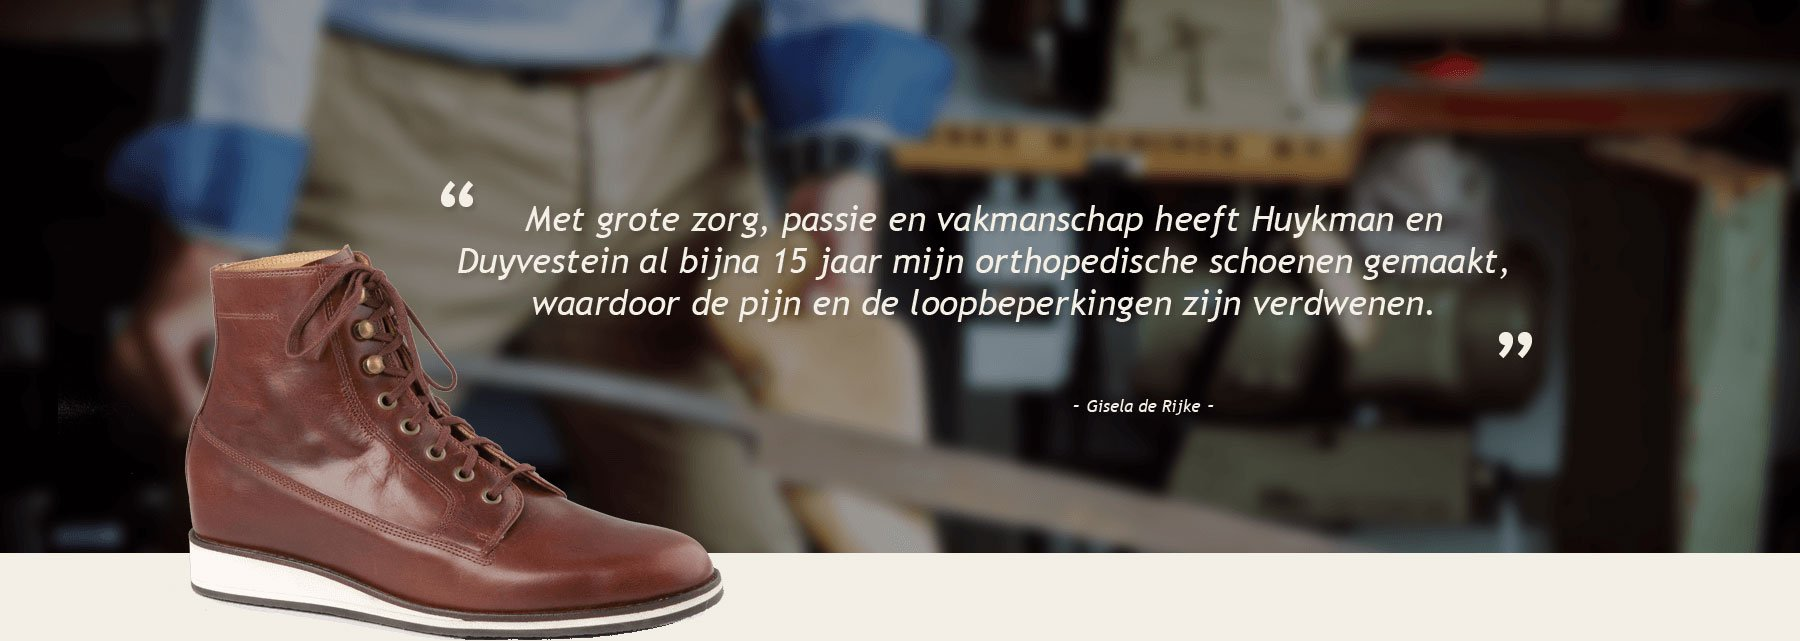 eebbb2319aa Veiligheidsschoenen. Wij maken schoenen op maat ...